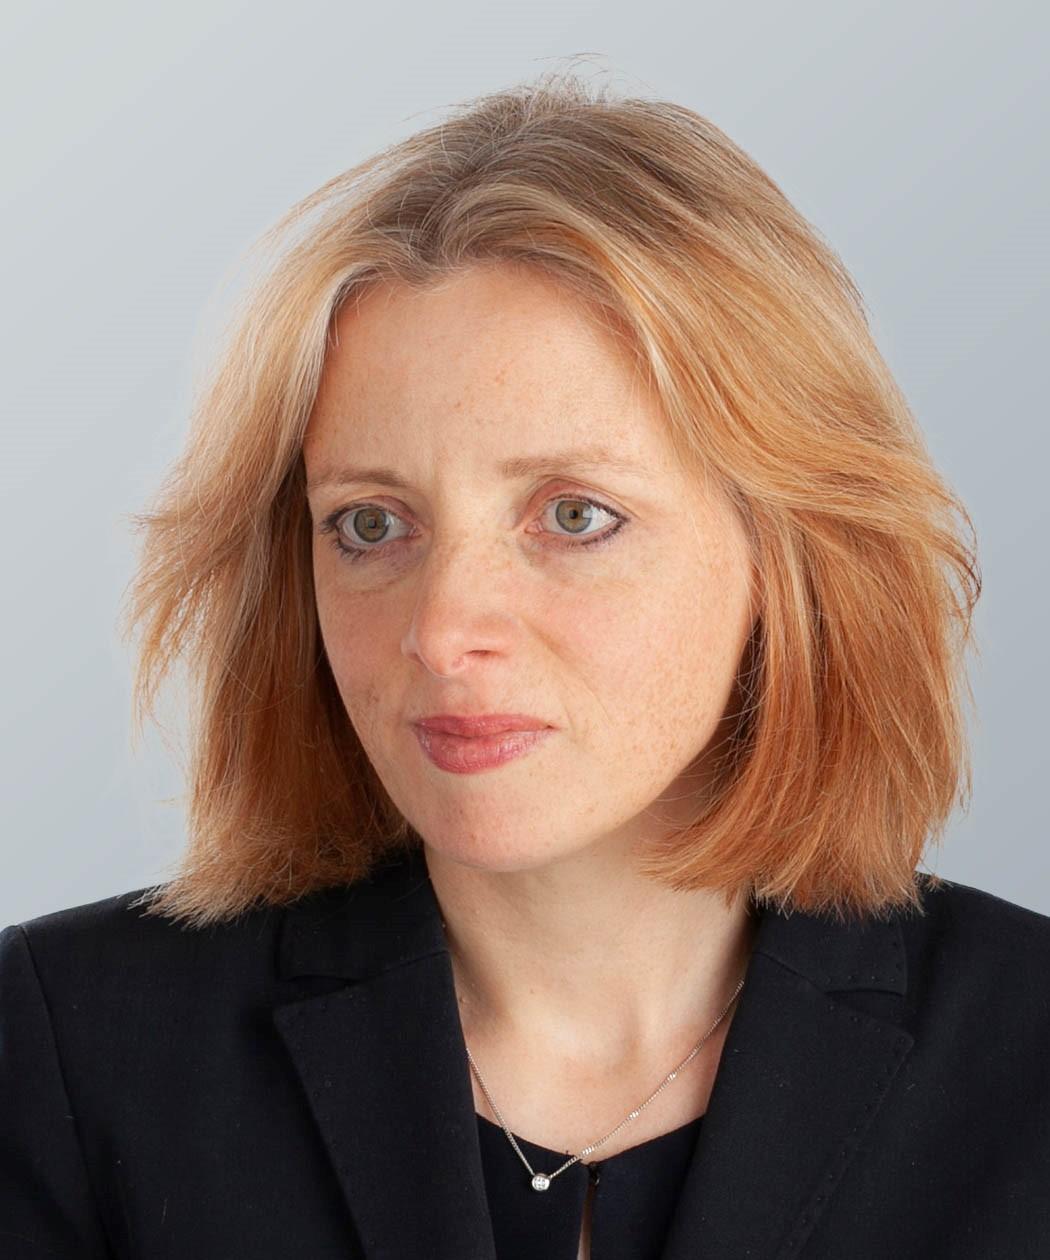 Jane Finlayson-Brown